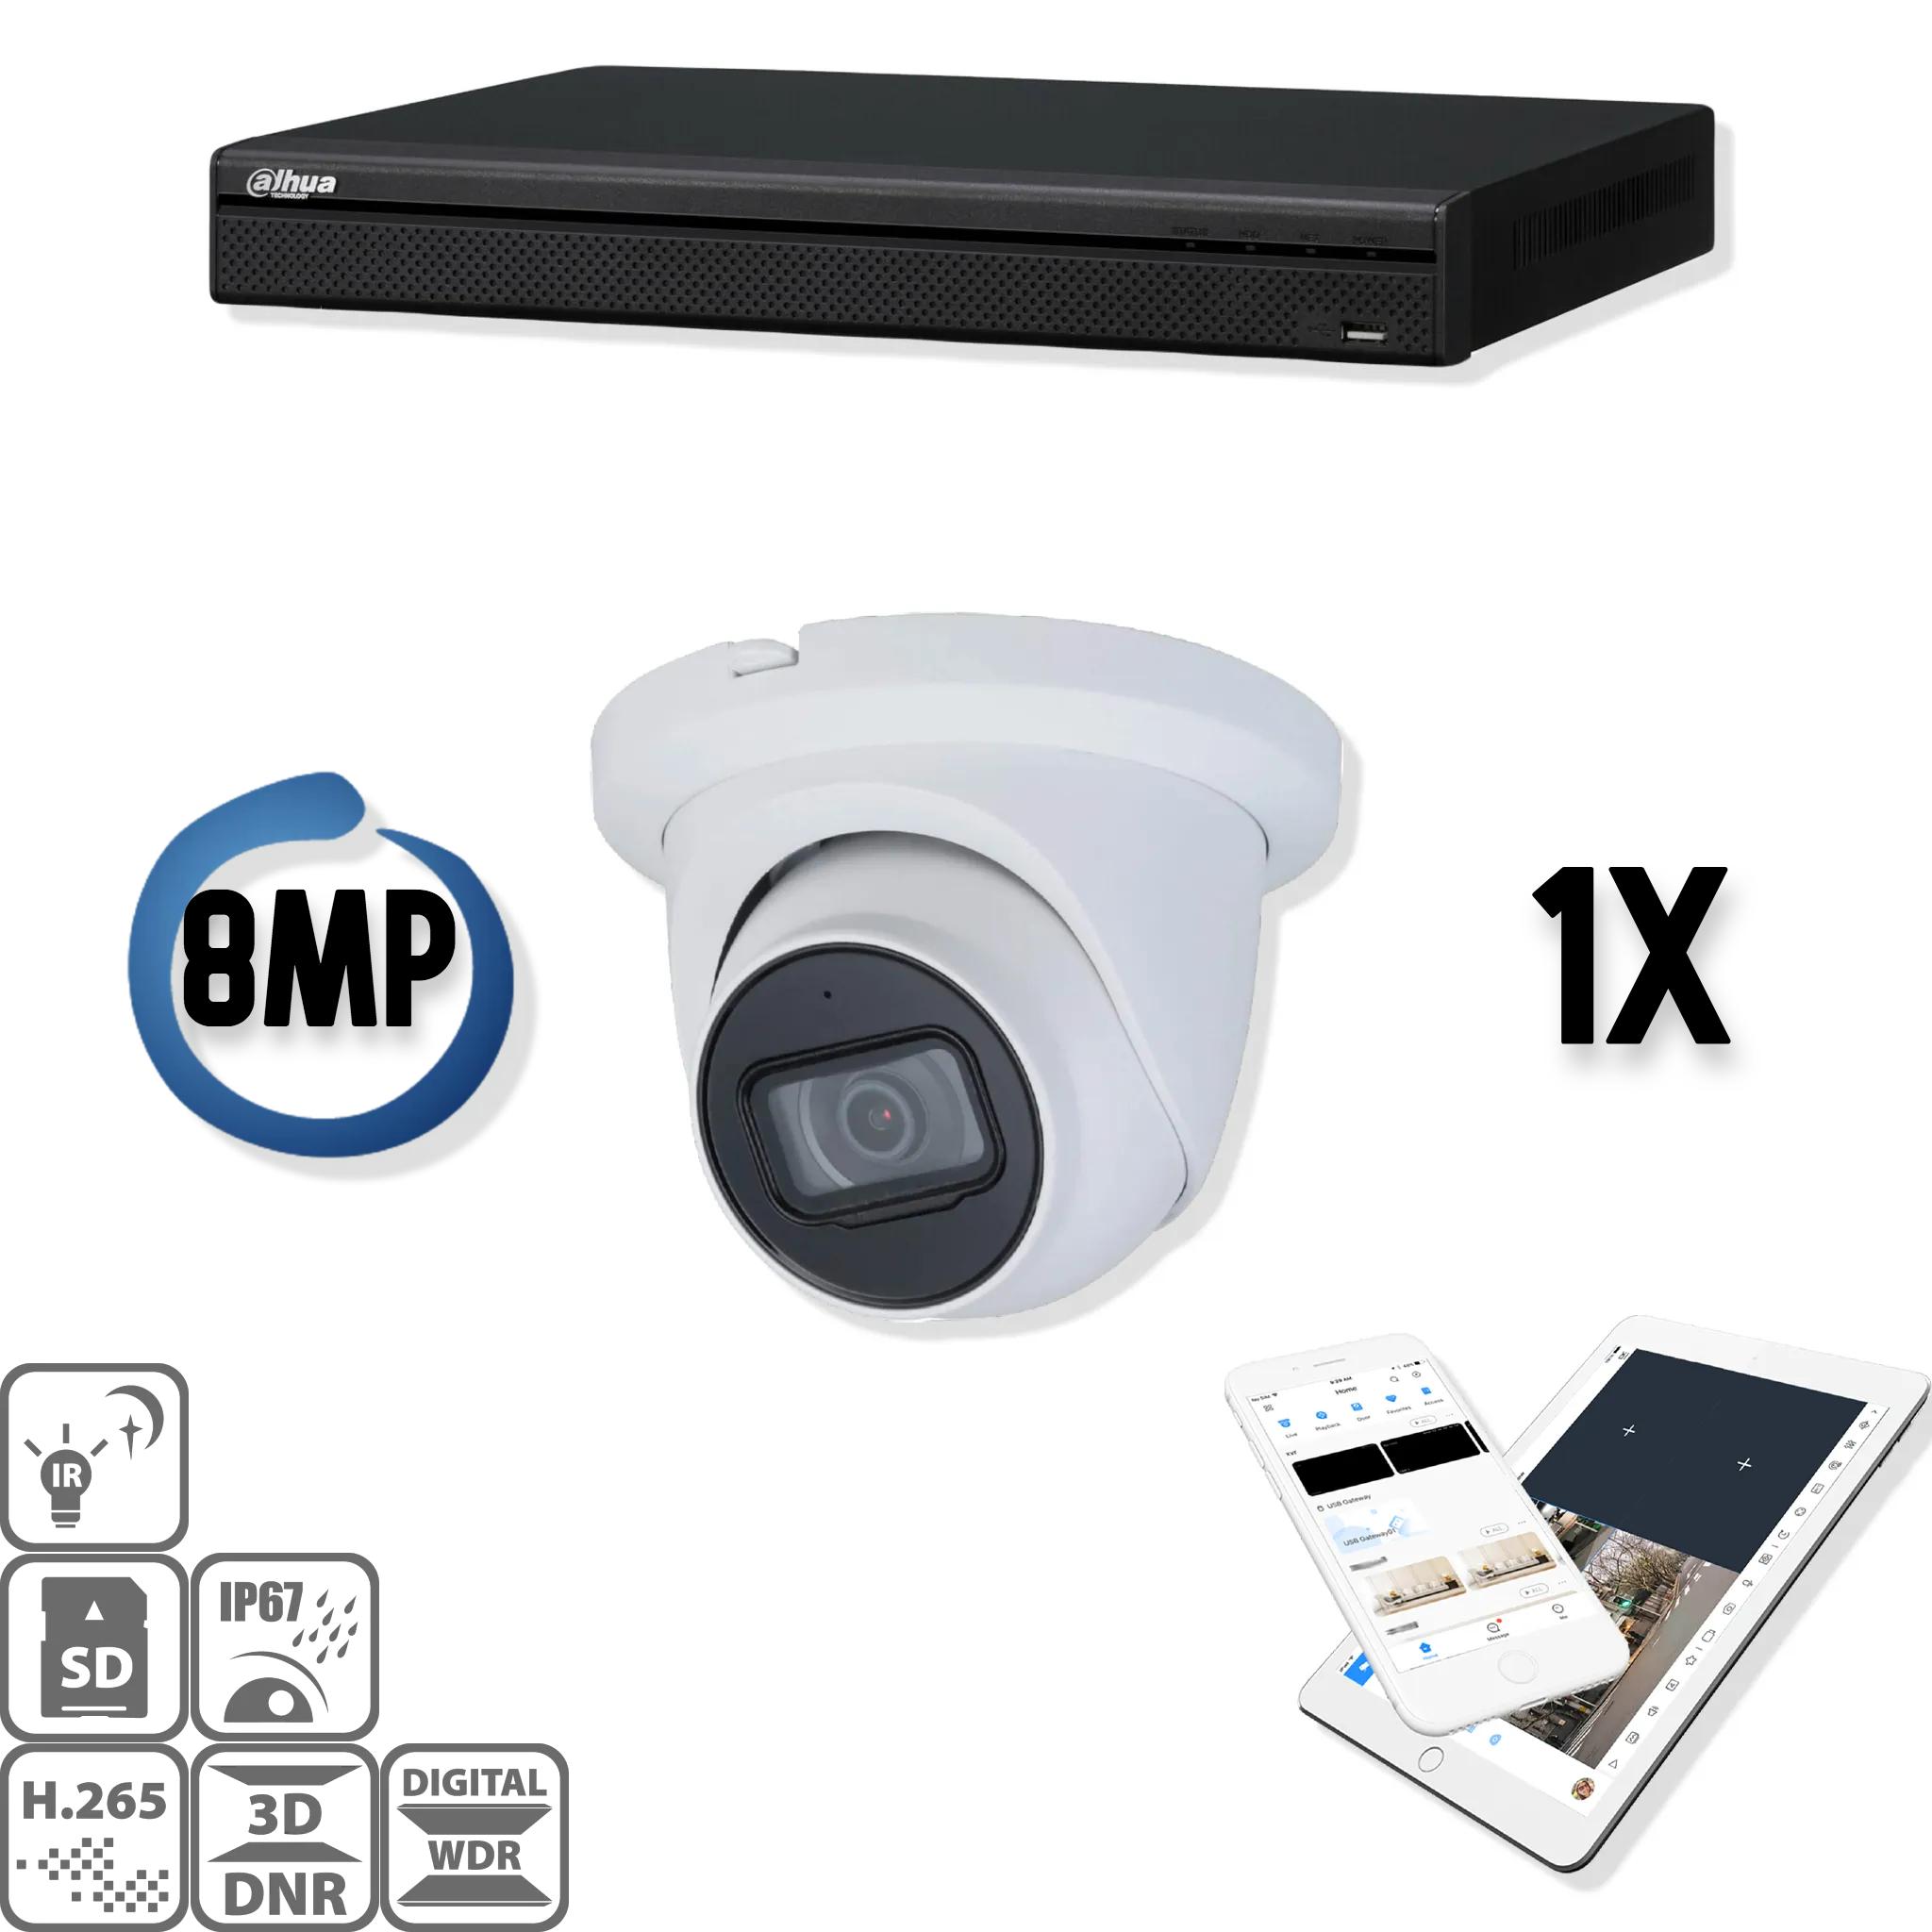 Um aparelho com uma câmera especial com boa visão noturna! Infravermelho separado, para que não haja mais problemas com a reflexão infravermelha devido ao vidro contaminado! O kit Dahua IP 1x Kit de segurança de câmera Eyball de 8MP Full HD contém 1 câmer